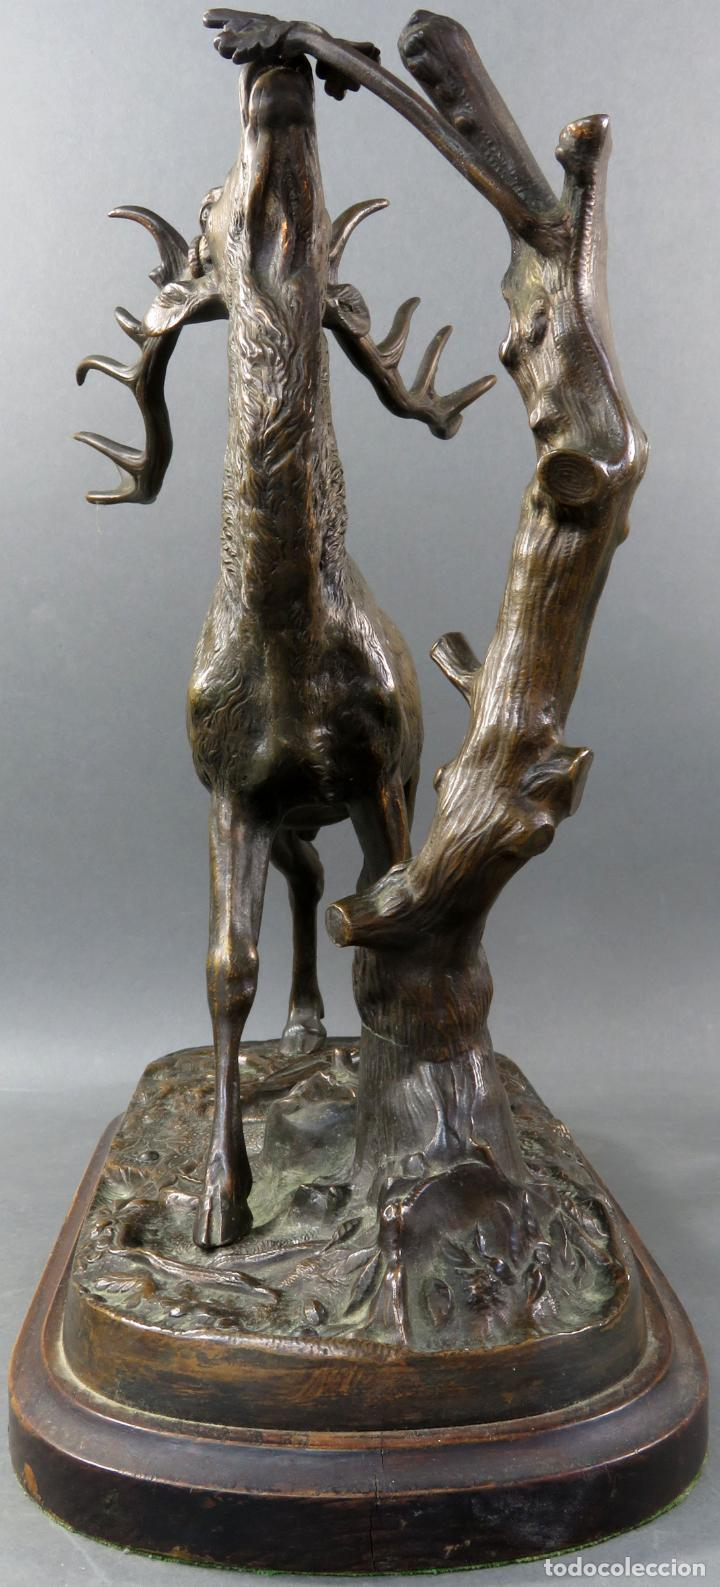 Arte: Escultura en bronce ciervo comiendo de rama de árbol Pierre Jules Mené Francia siglo XIX - Foto 6 - 183915395